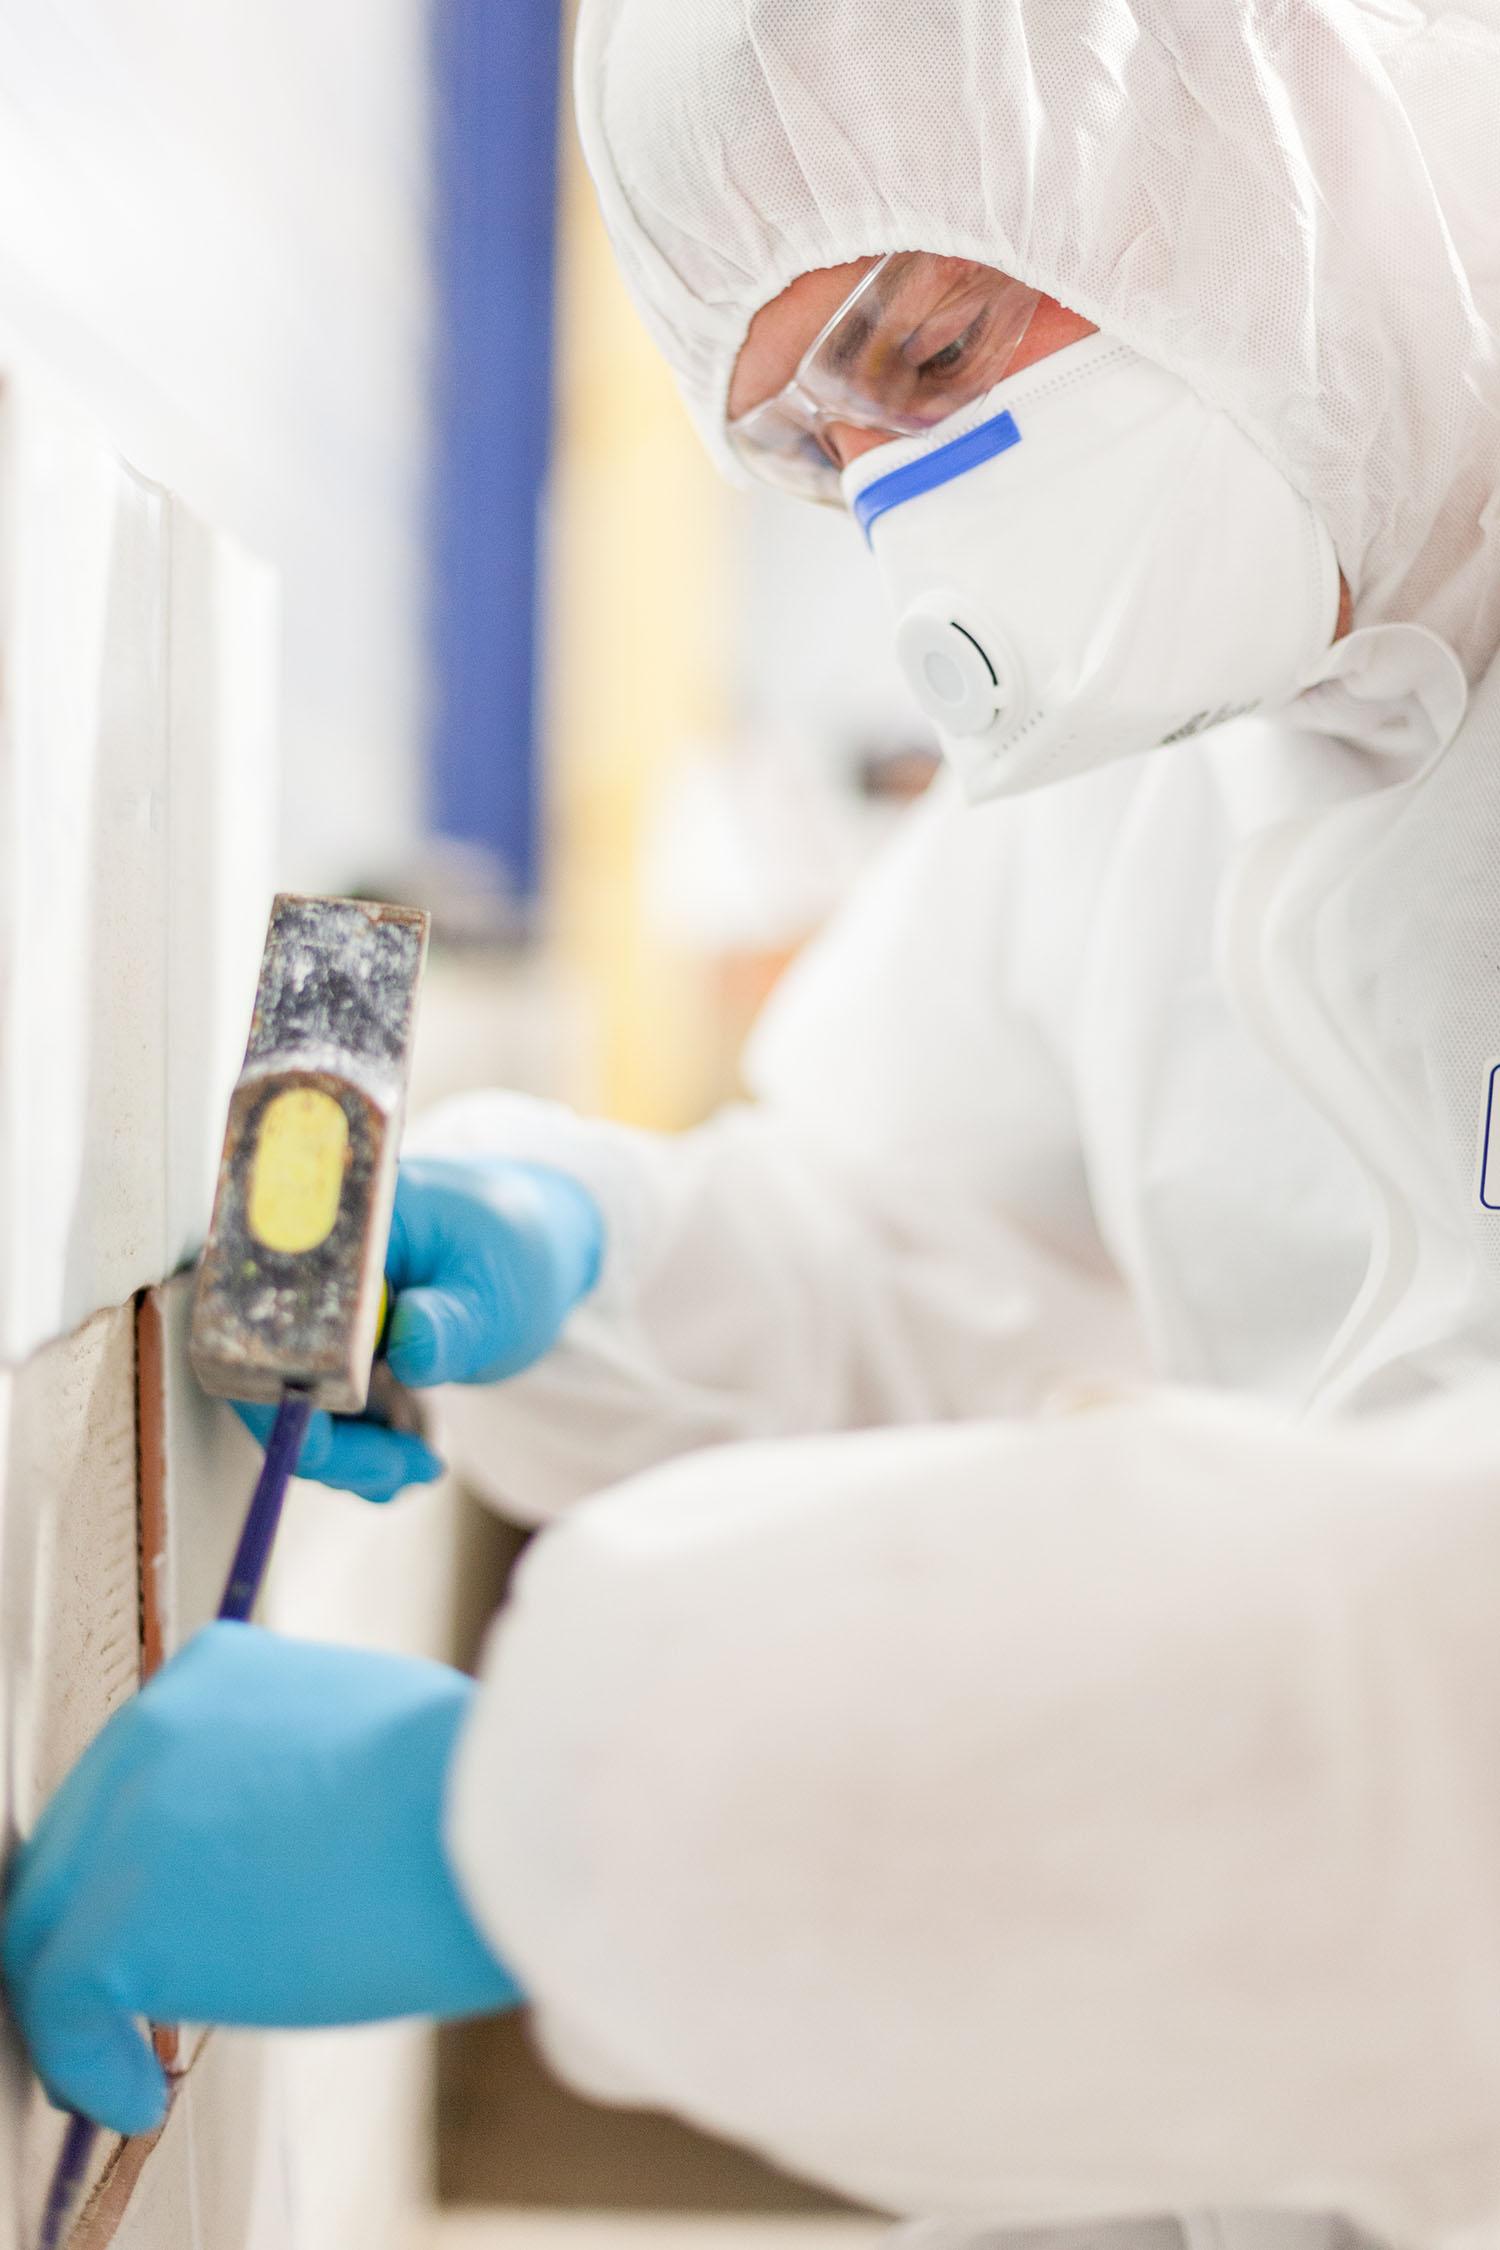 Fachfirma CWS für asbesthaltige, sanierungsbedürftigte Brandschutzklappen